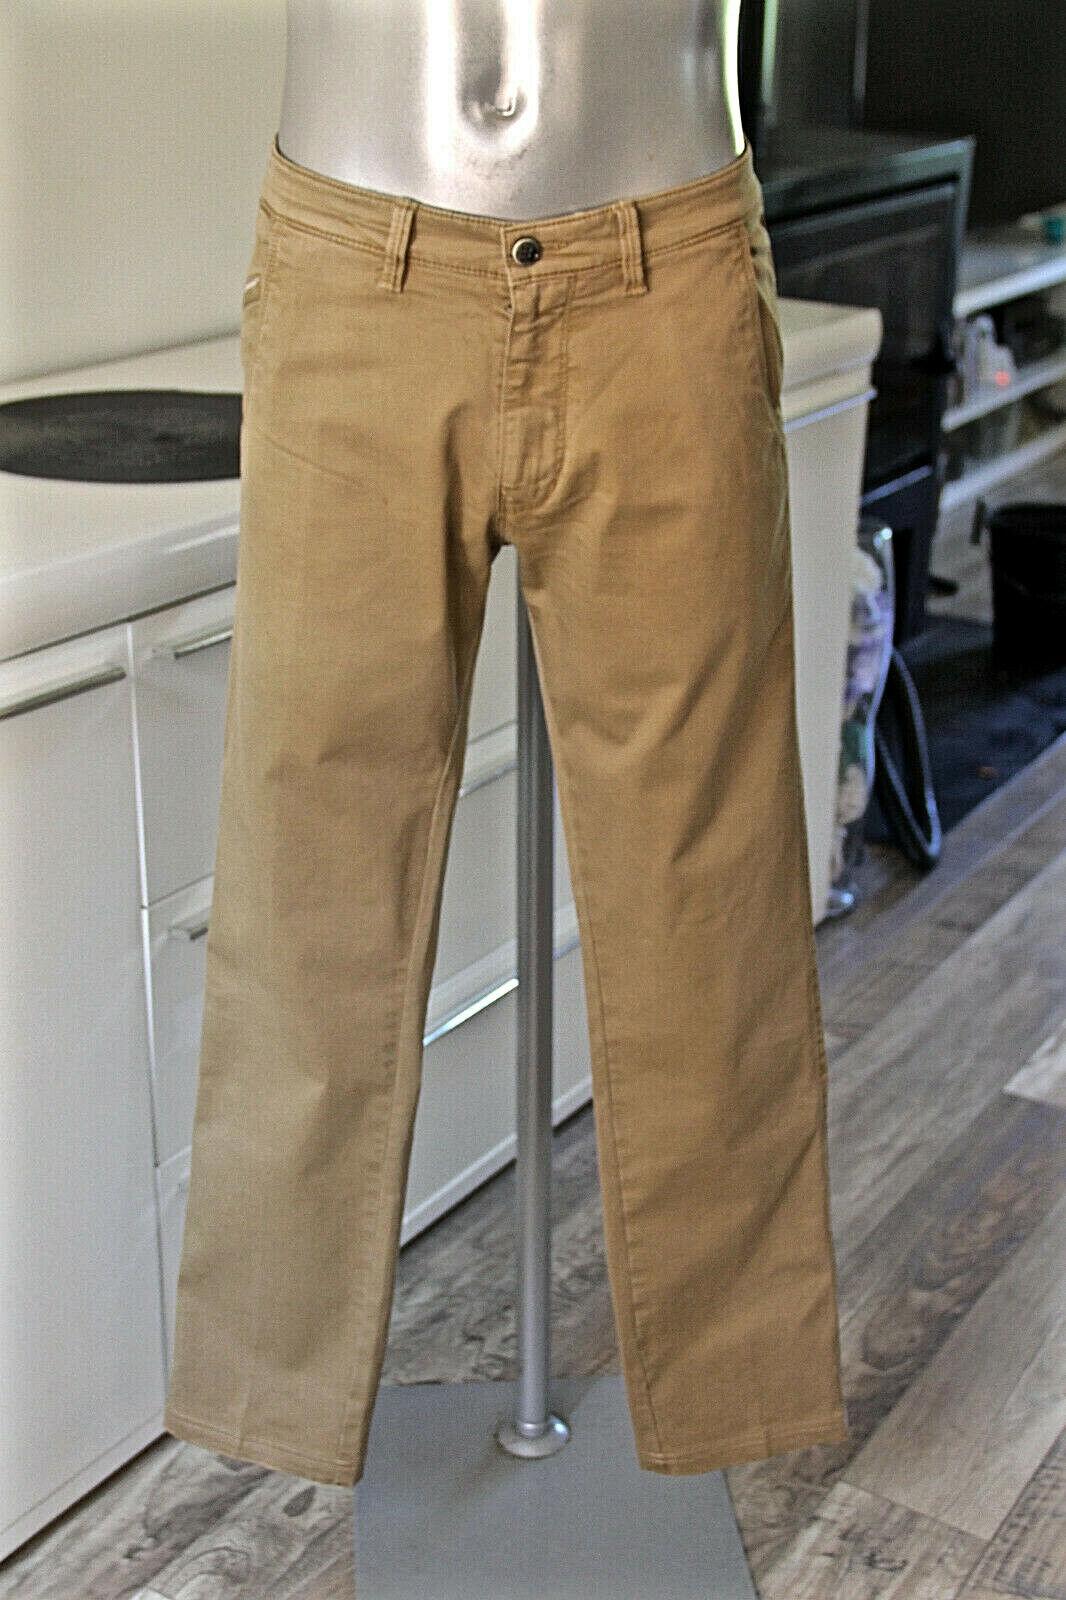 Joli pantalon jeans slim stretch camel HUGO BOSS finlay d size 44 fr (GR 50)